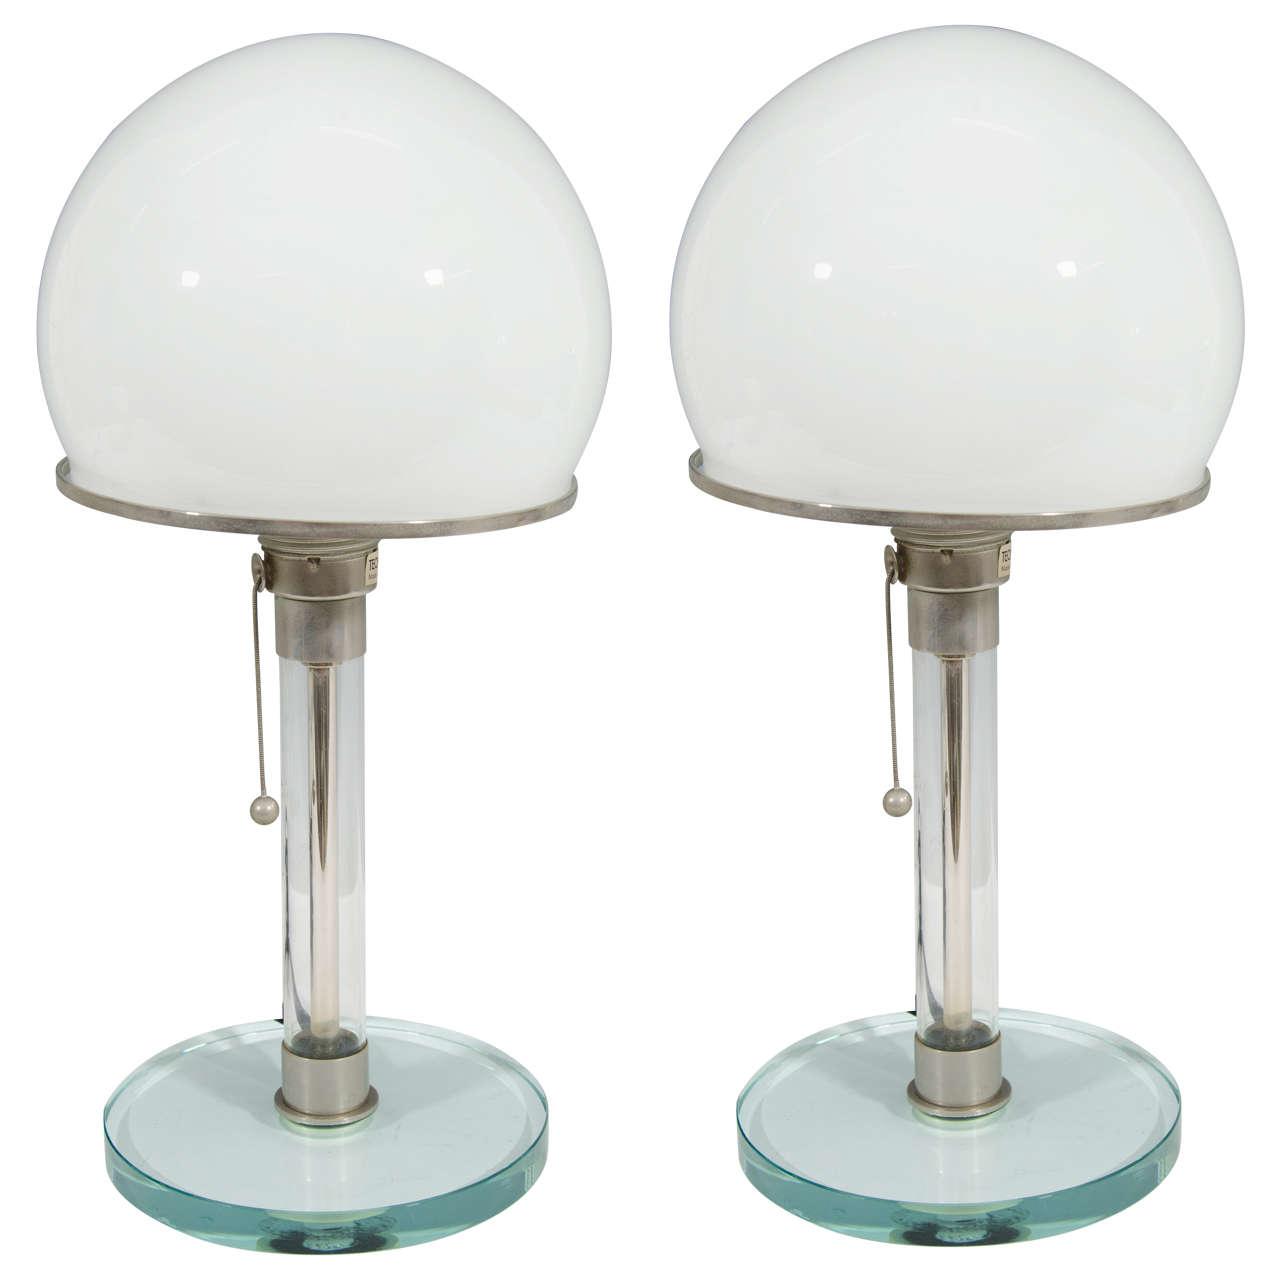 Pair of wilhelm wagenfeld and karl j jucker bauhaus table lamps at pair of wilhelm wagenfeld and karl j jucker bauhaus table lamps for sale aloadofball Gallery